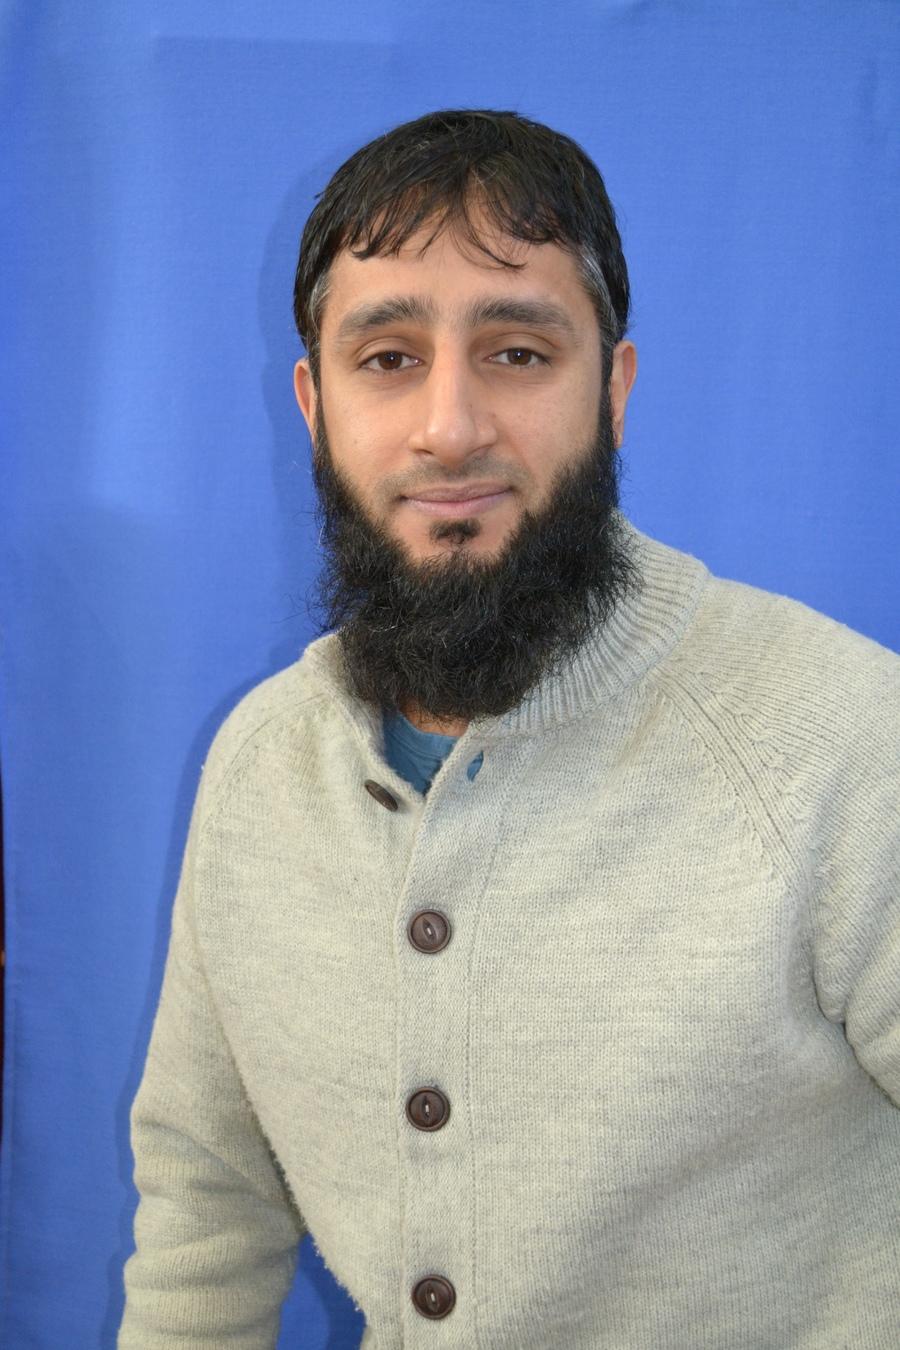 Mr Z Iqbal - IT Technician